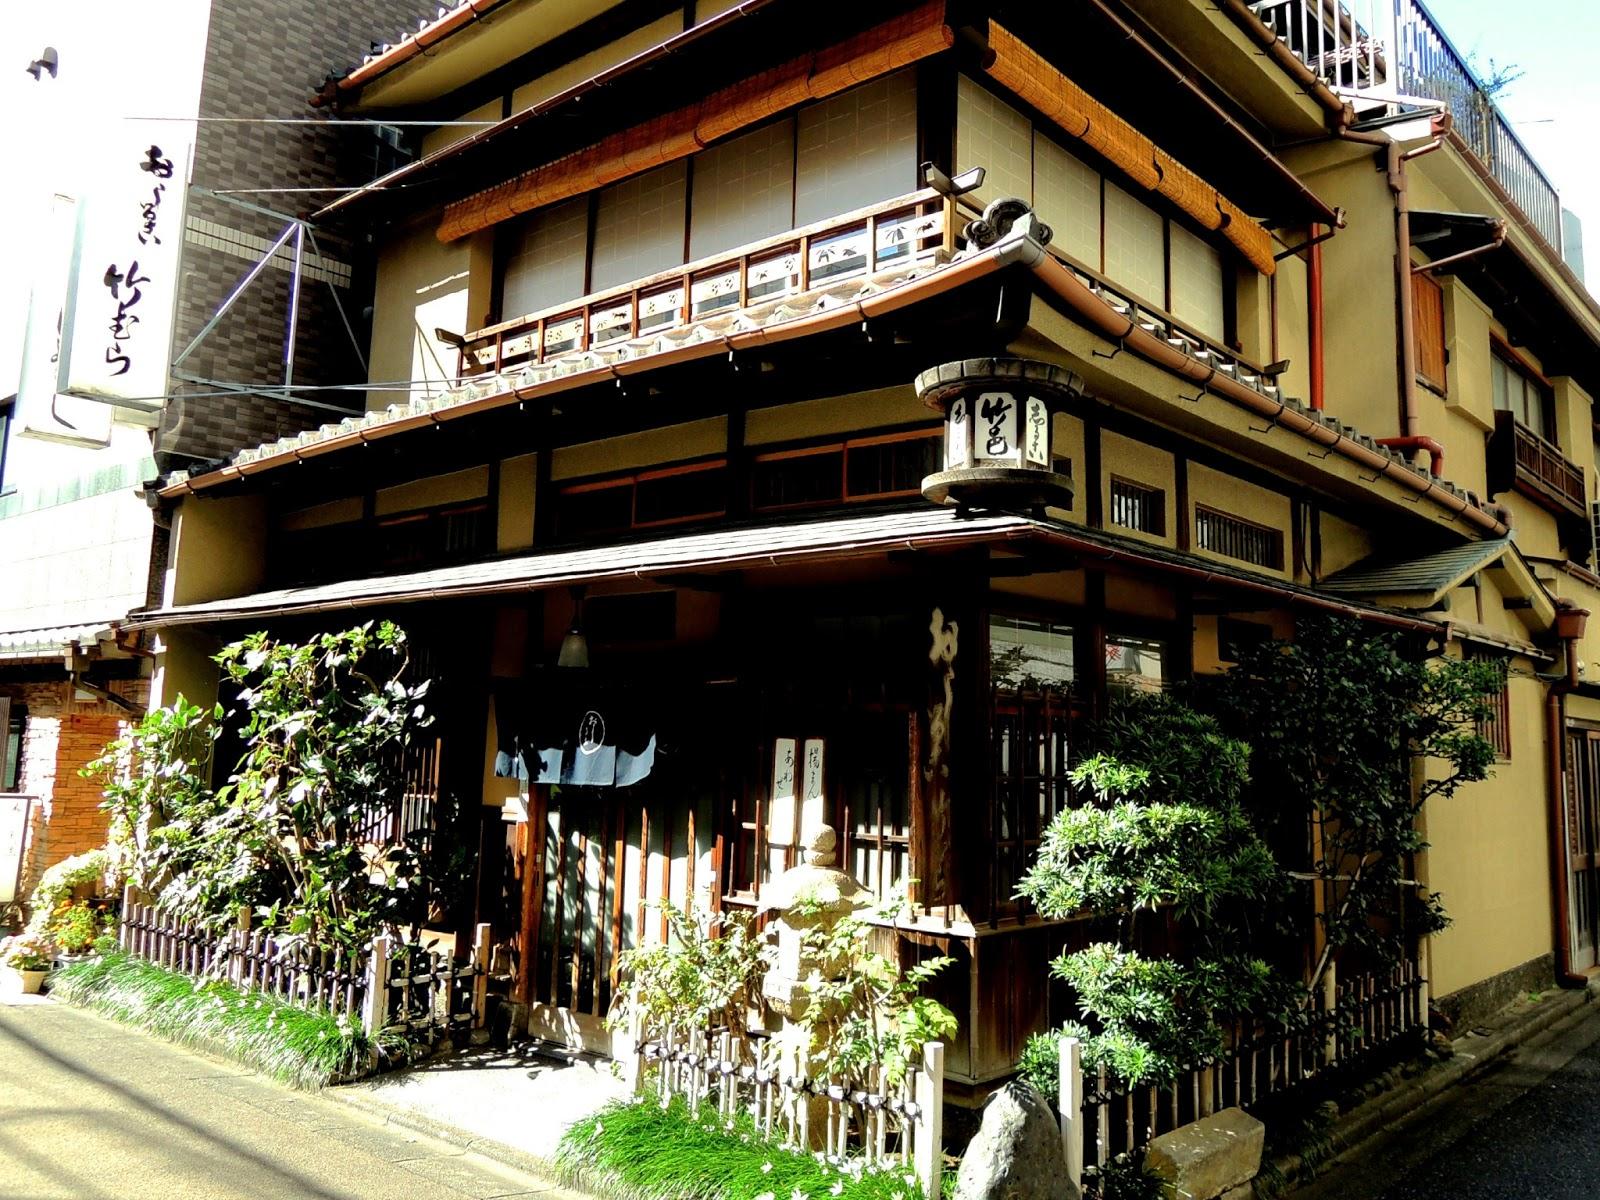 東京観光 神田須田町 Kanda Suda-cho